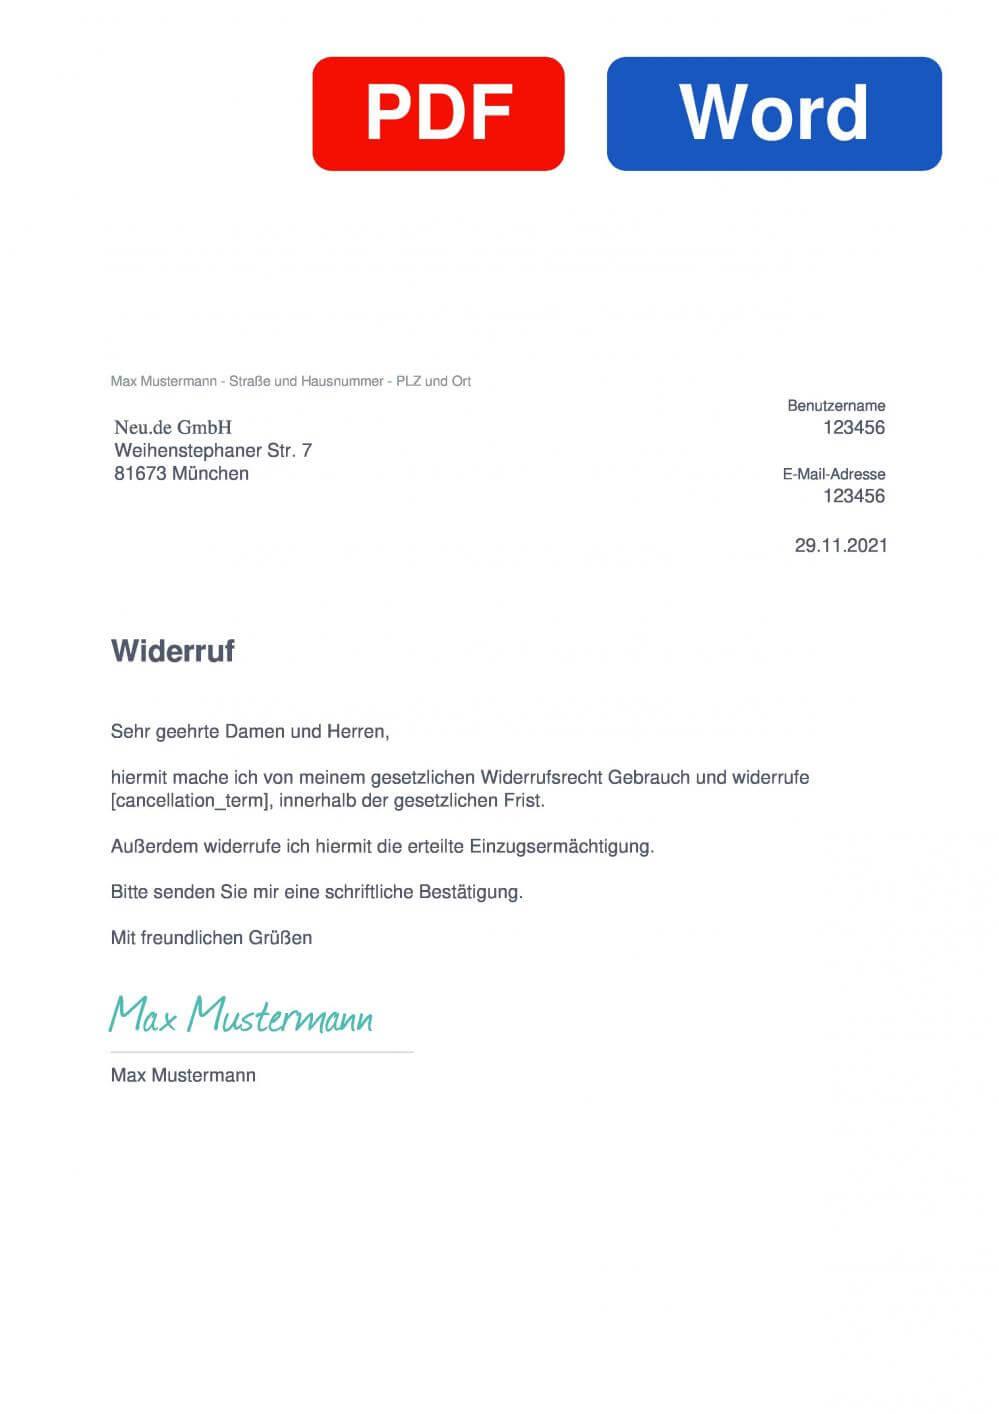 NEU.DE Muster Vorlage für Wiederrufsschreiben